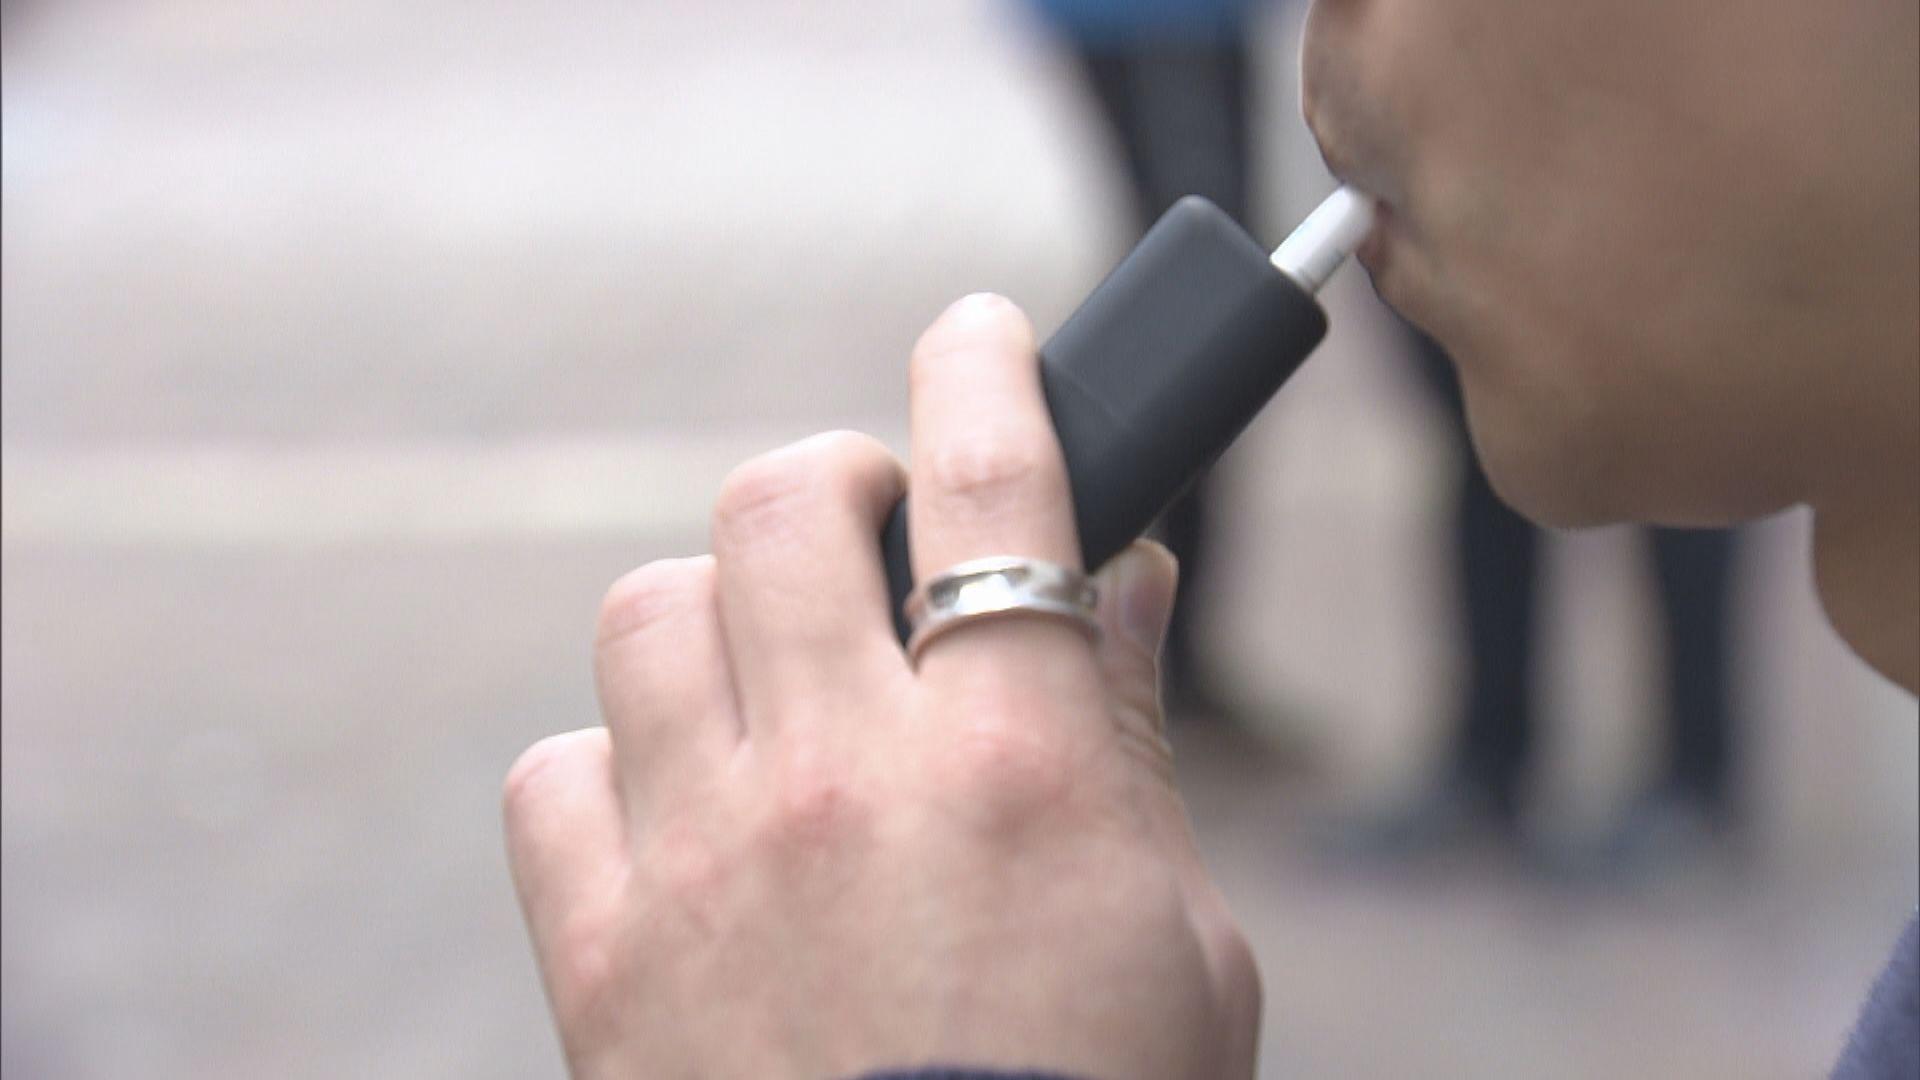 吸煙與健康委員會促全禁加熱煙及電子煙